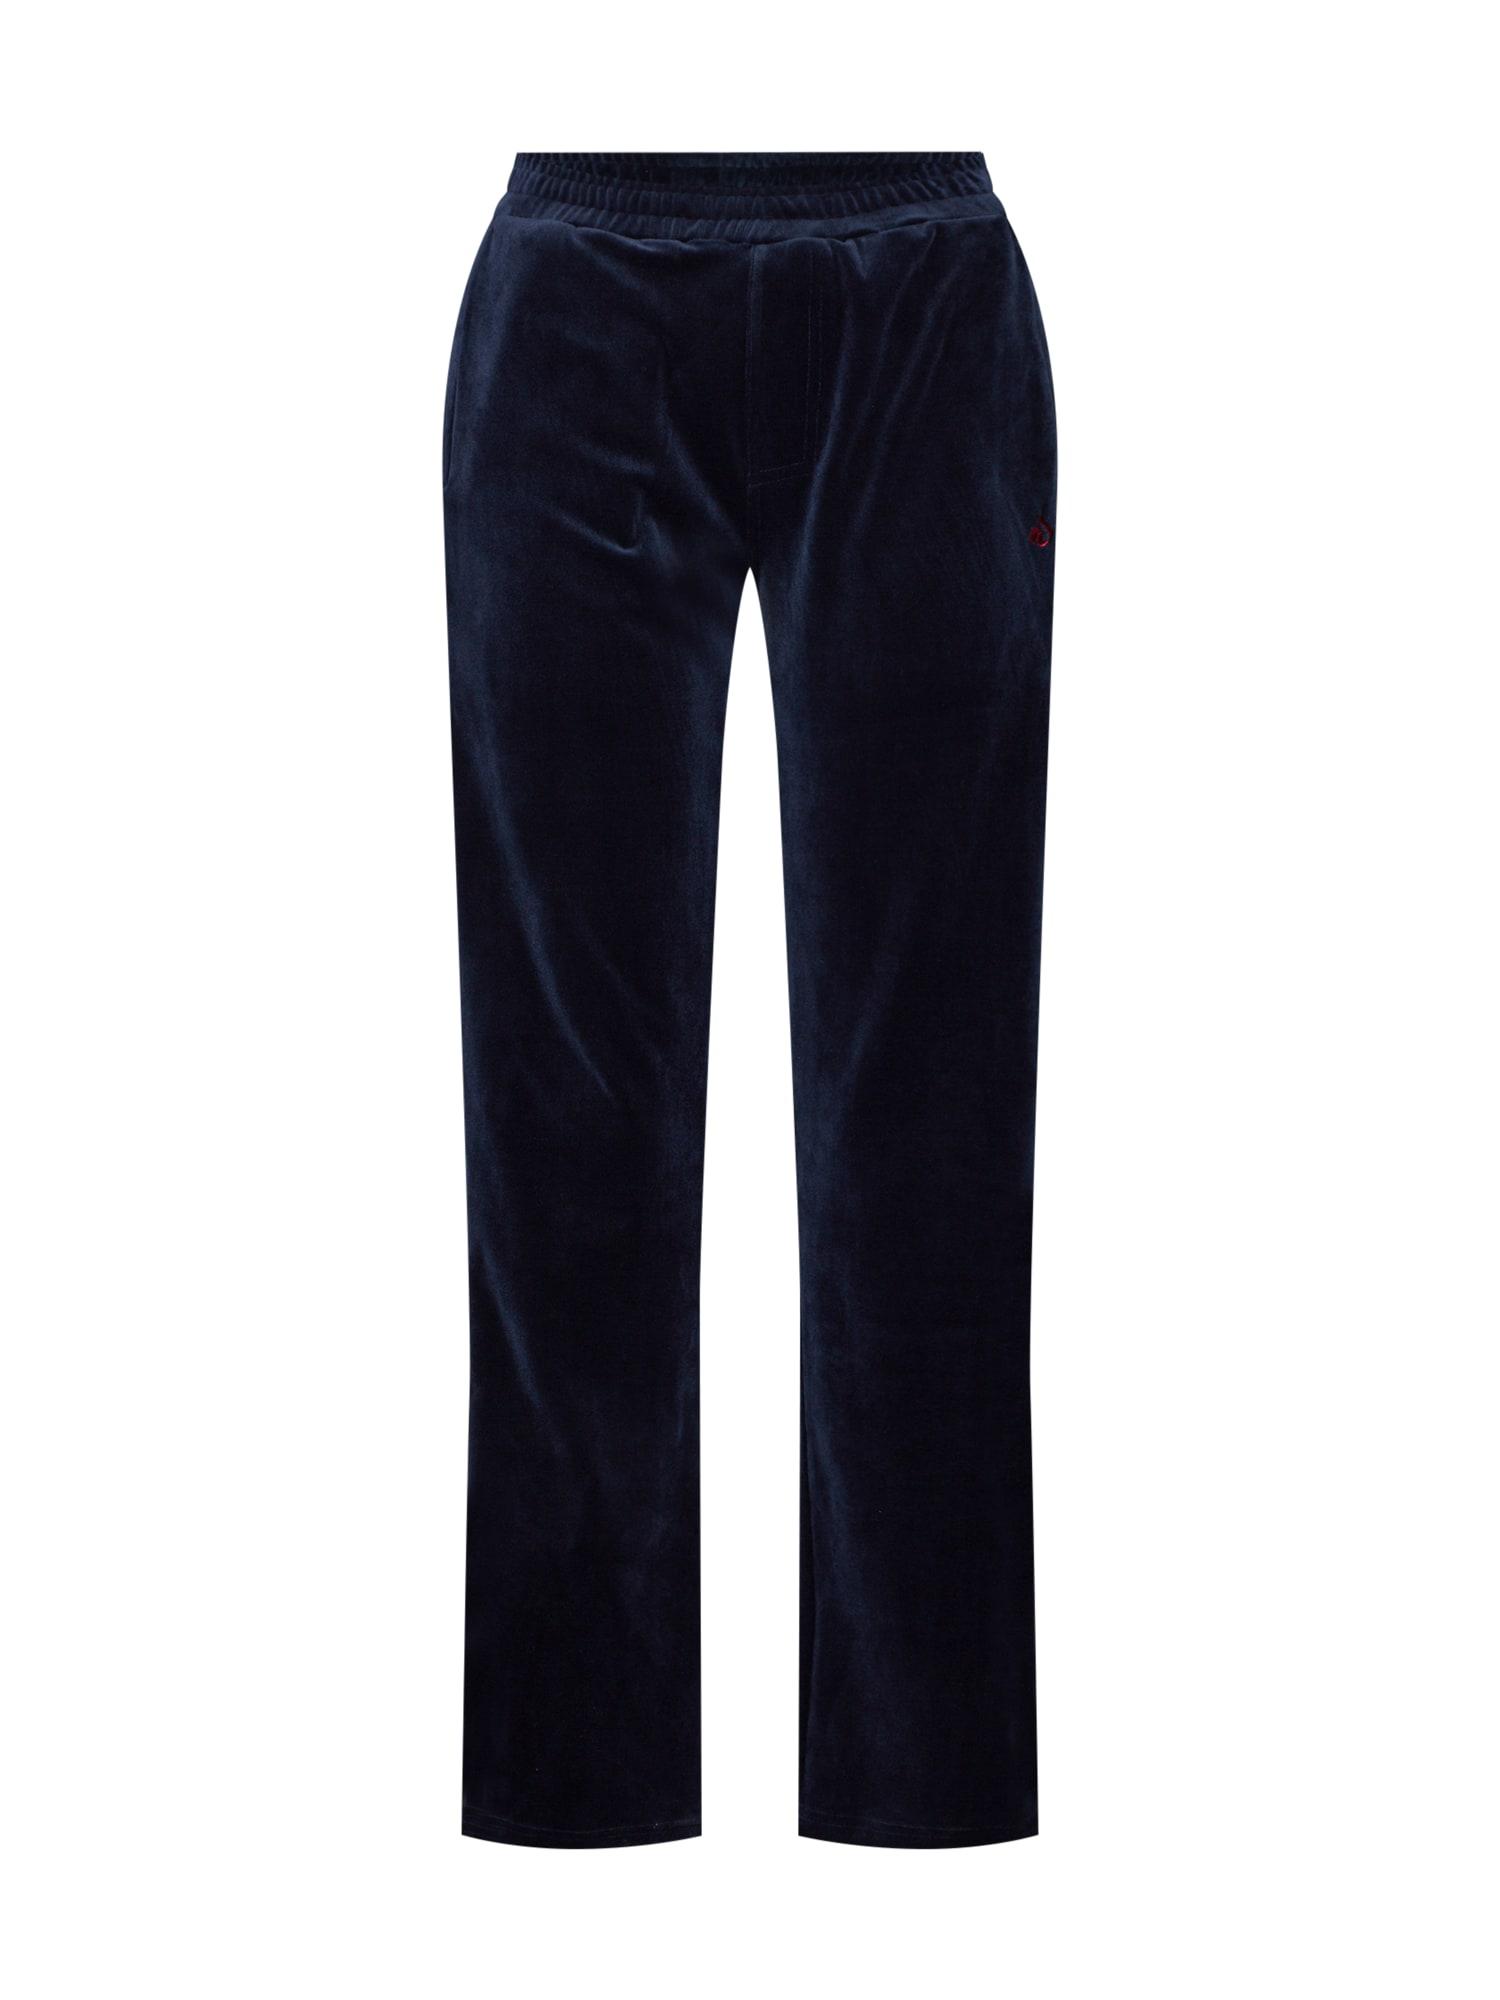 Kalhoty Temptation Pant námořnická modř Iriedaily